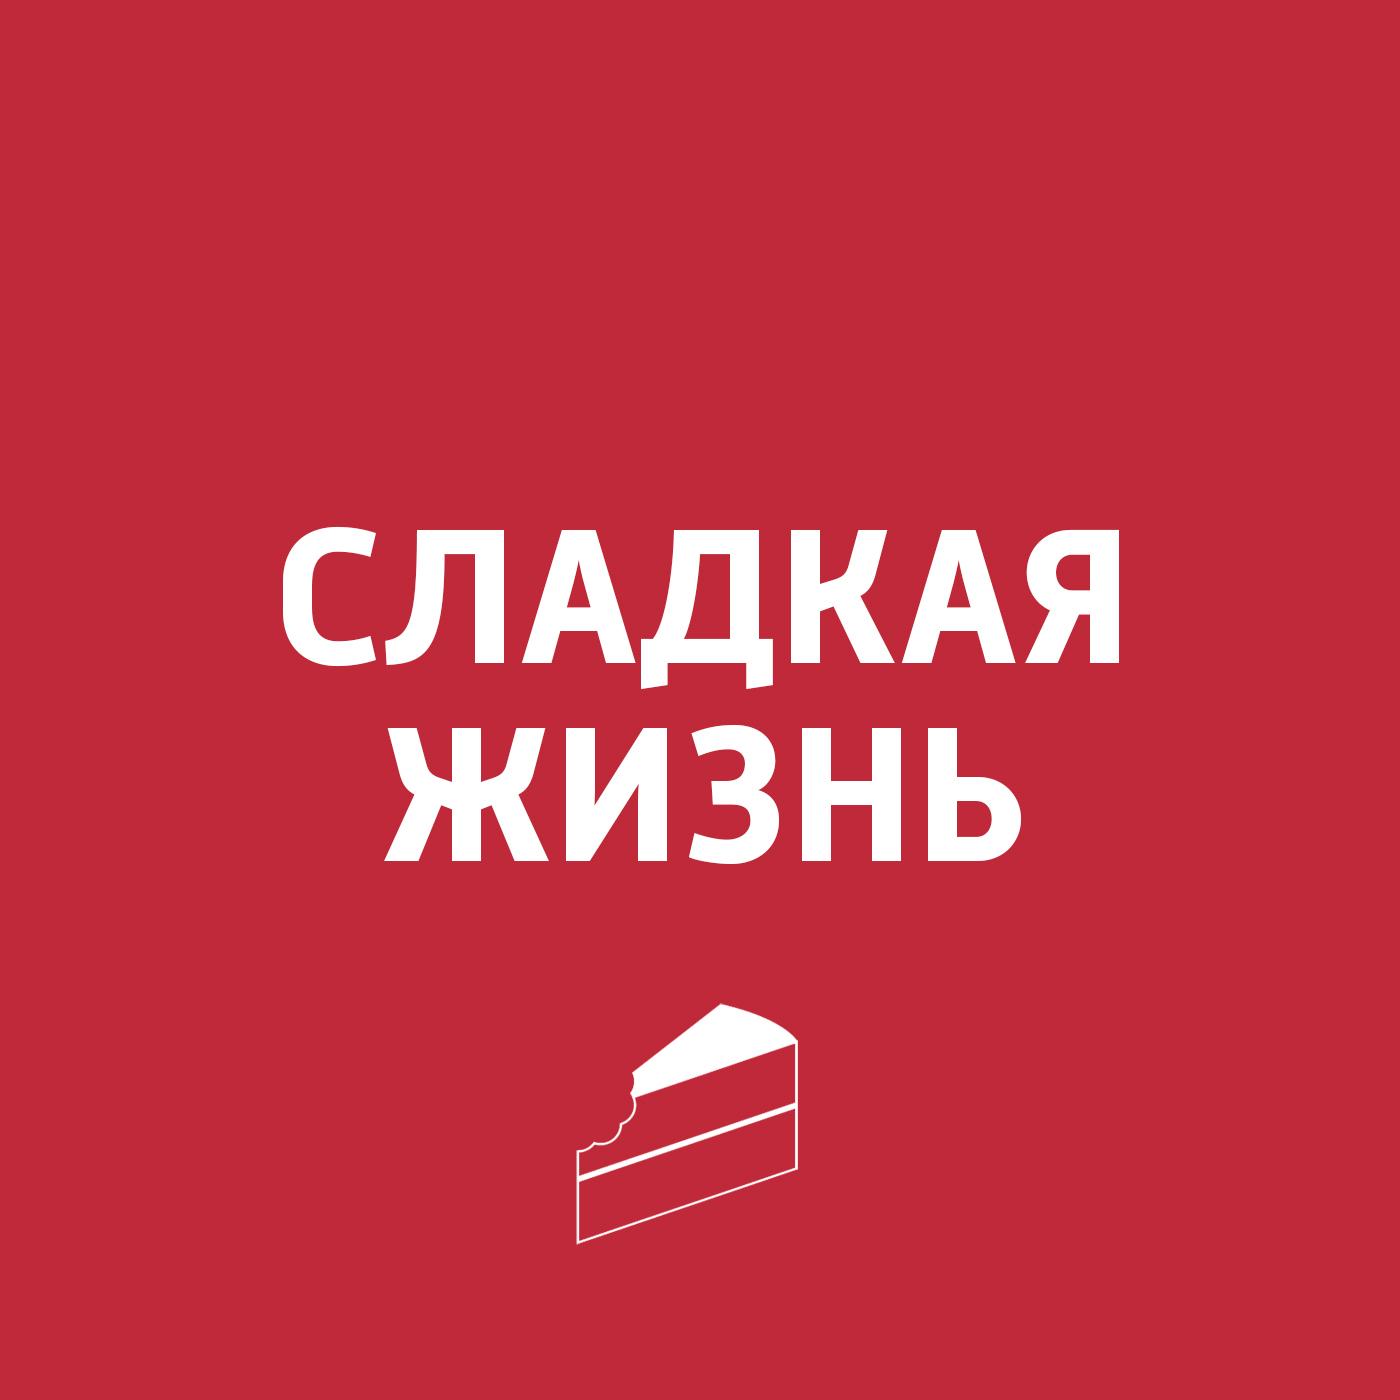 Картаев Павел Гулабджамун картаев павел павел картаев о поездке по алтаю